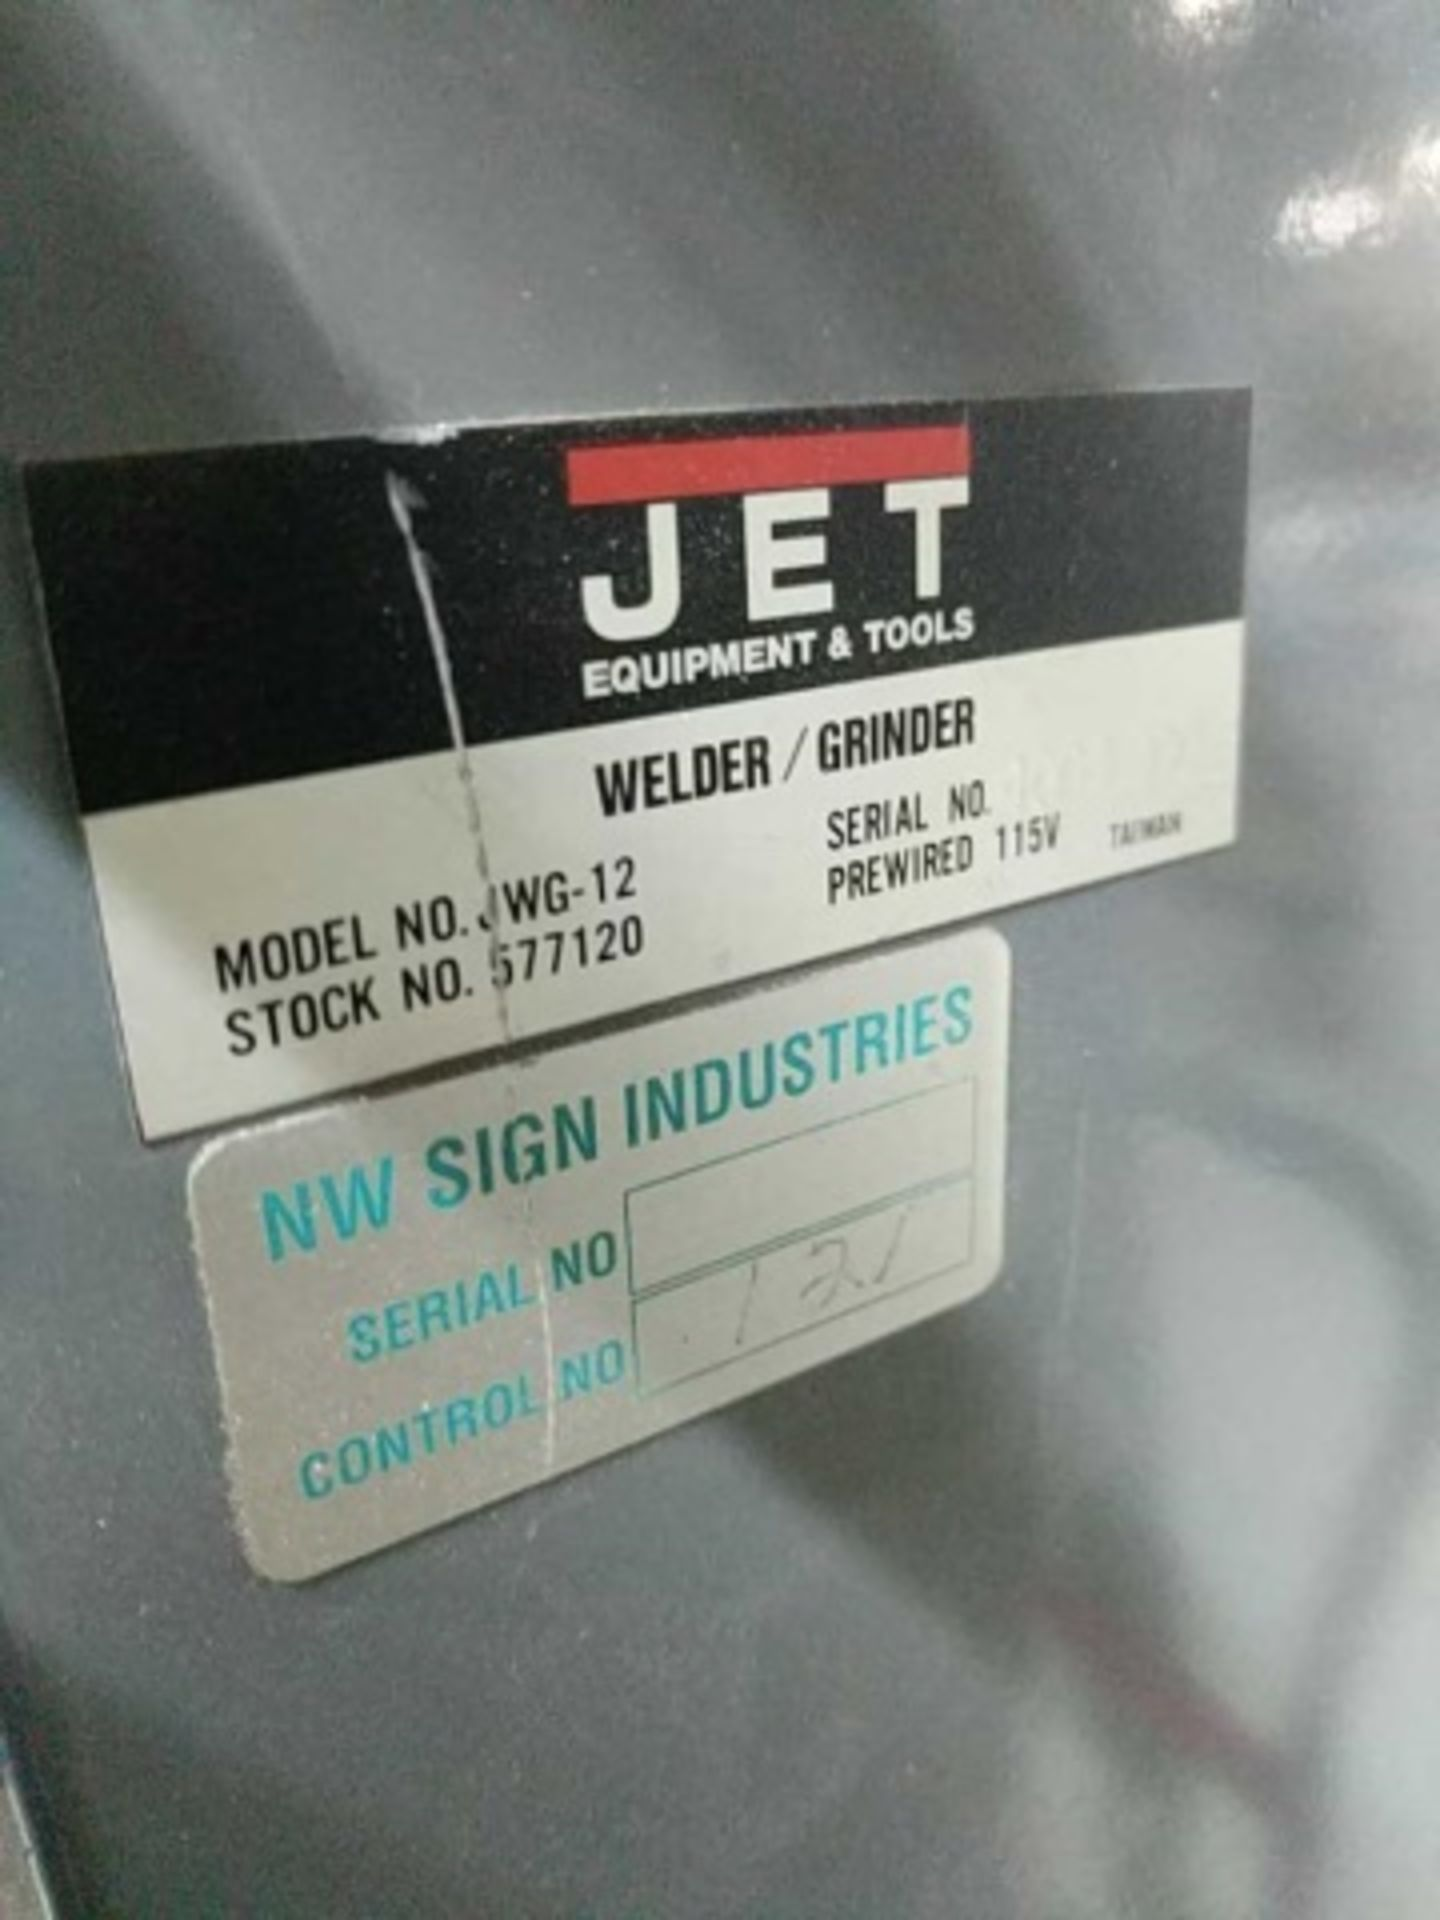 Lot 126 - Jet JWG-12 Welder/Grinder